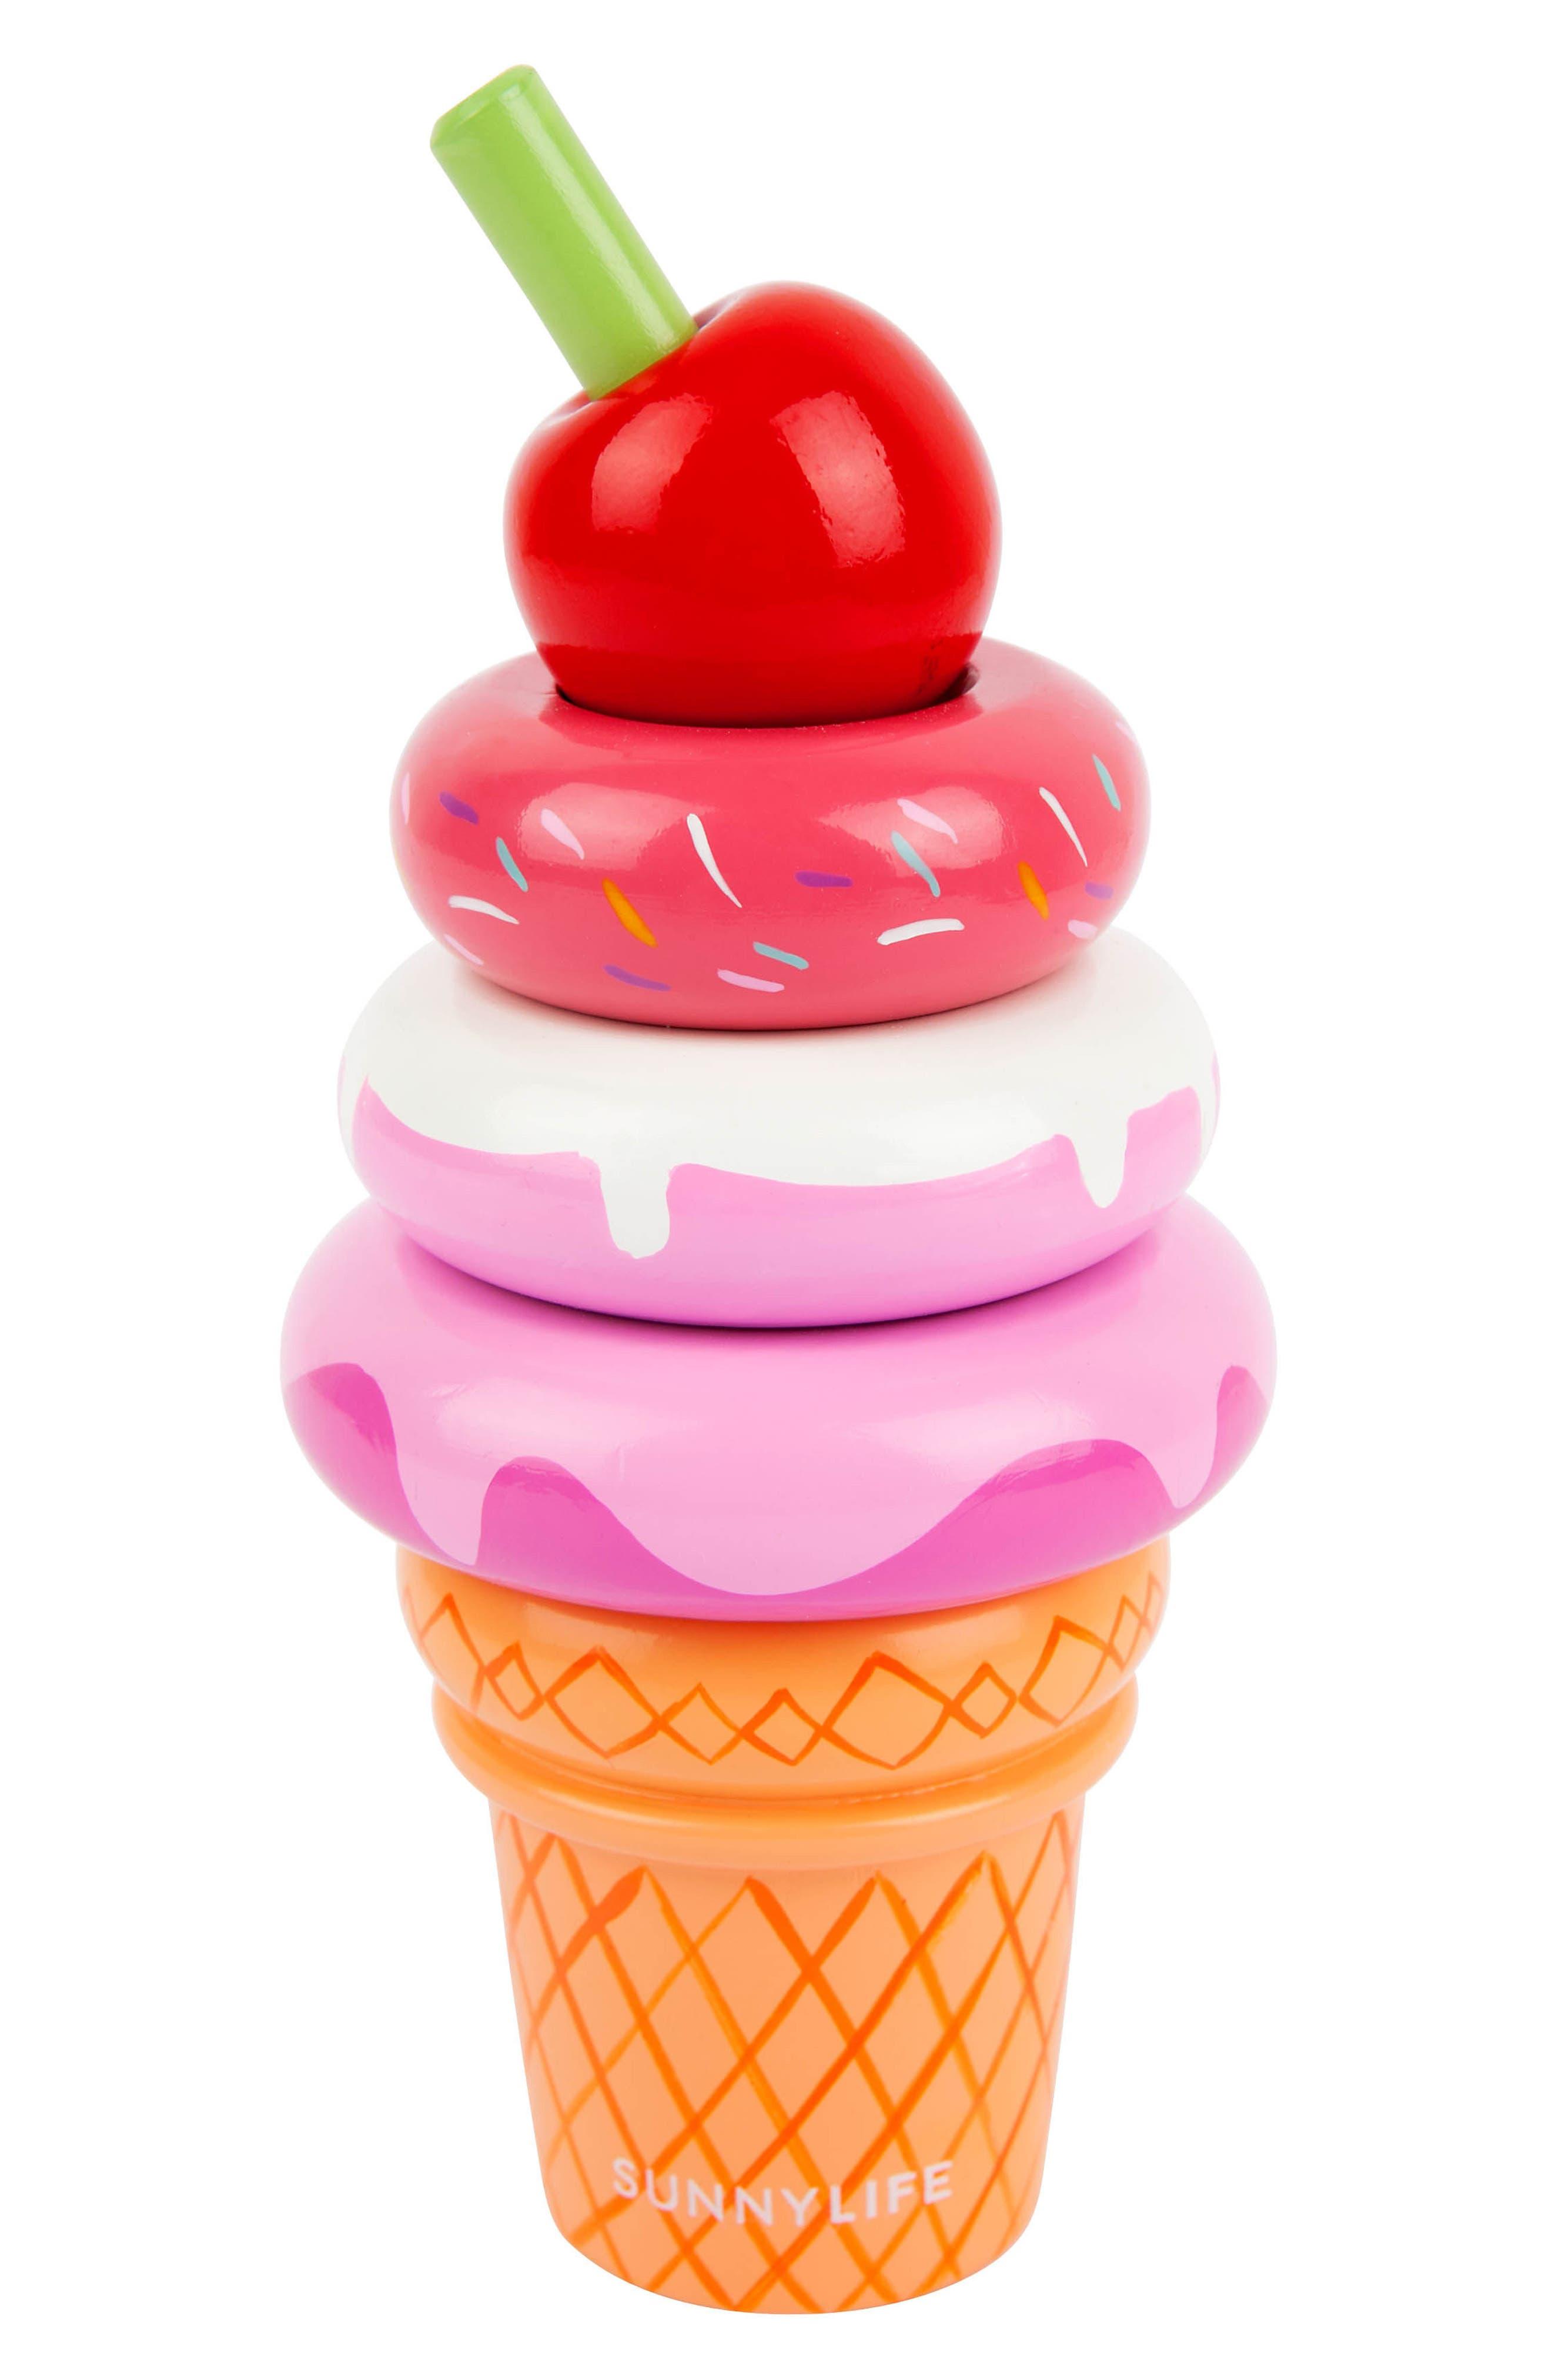 Sunnylife Ice Cream Stacking Toy